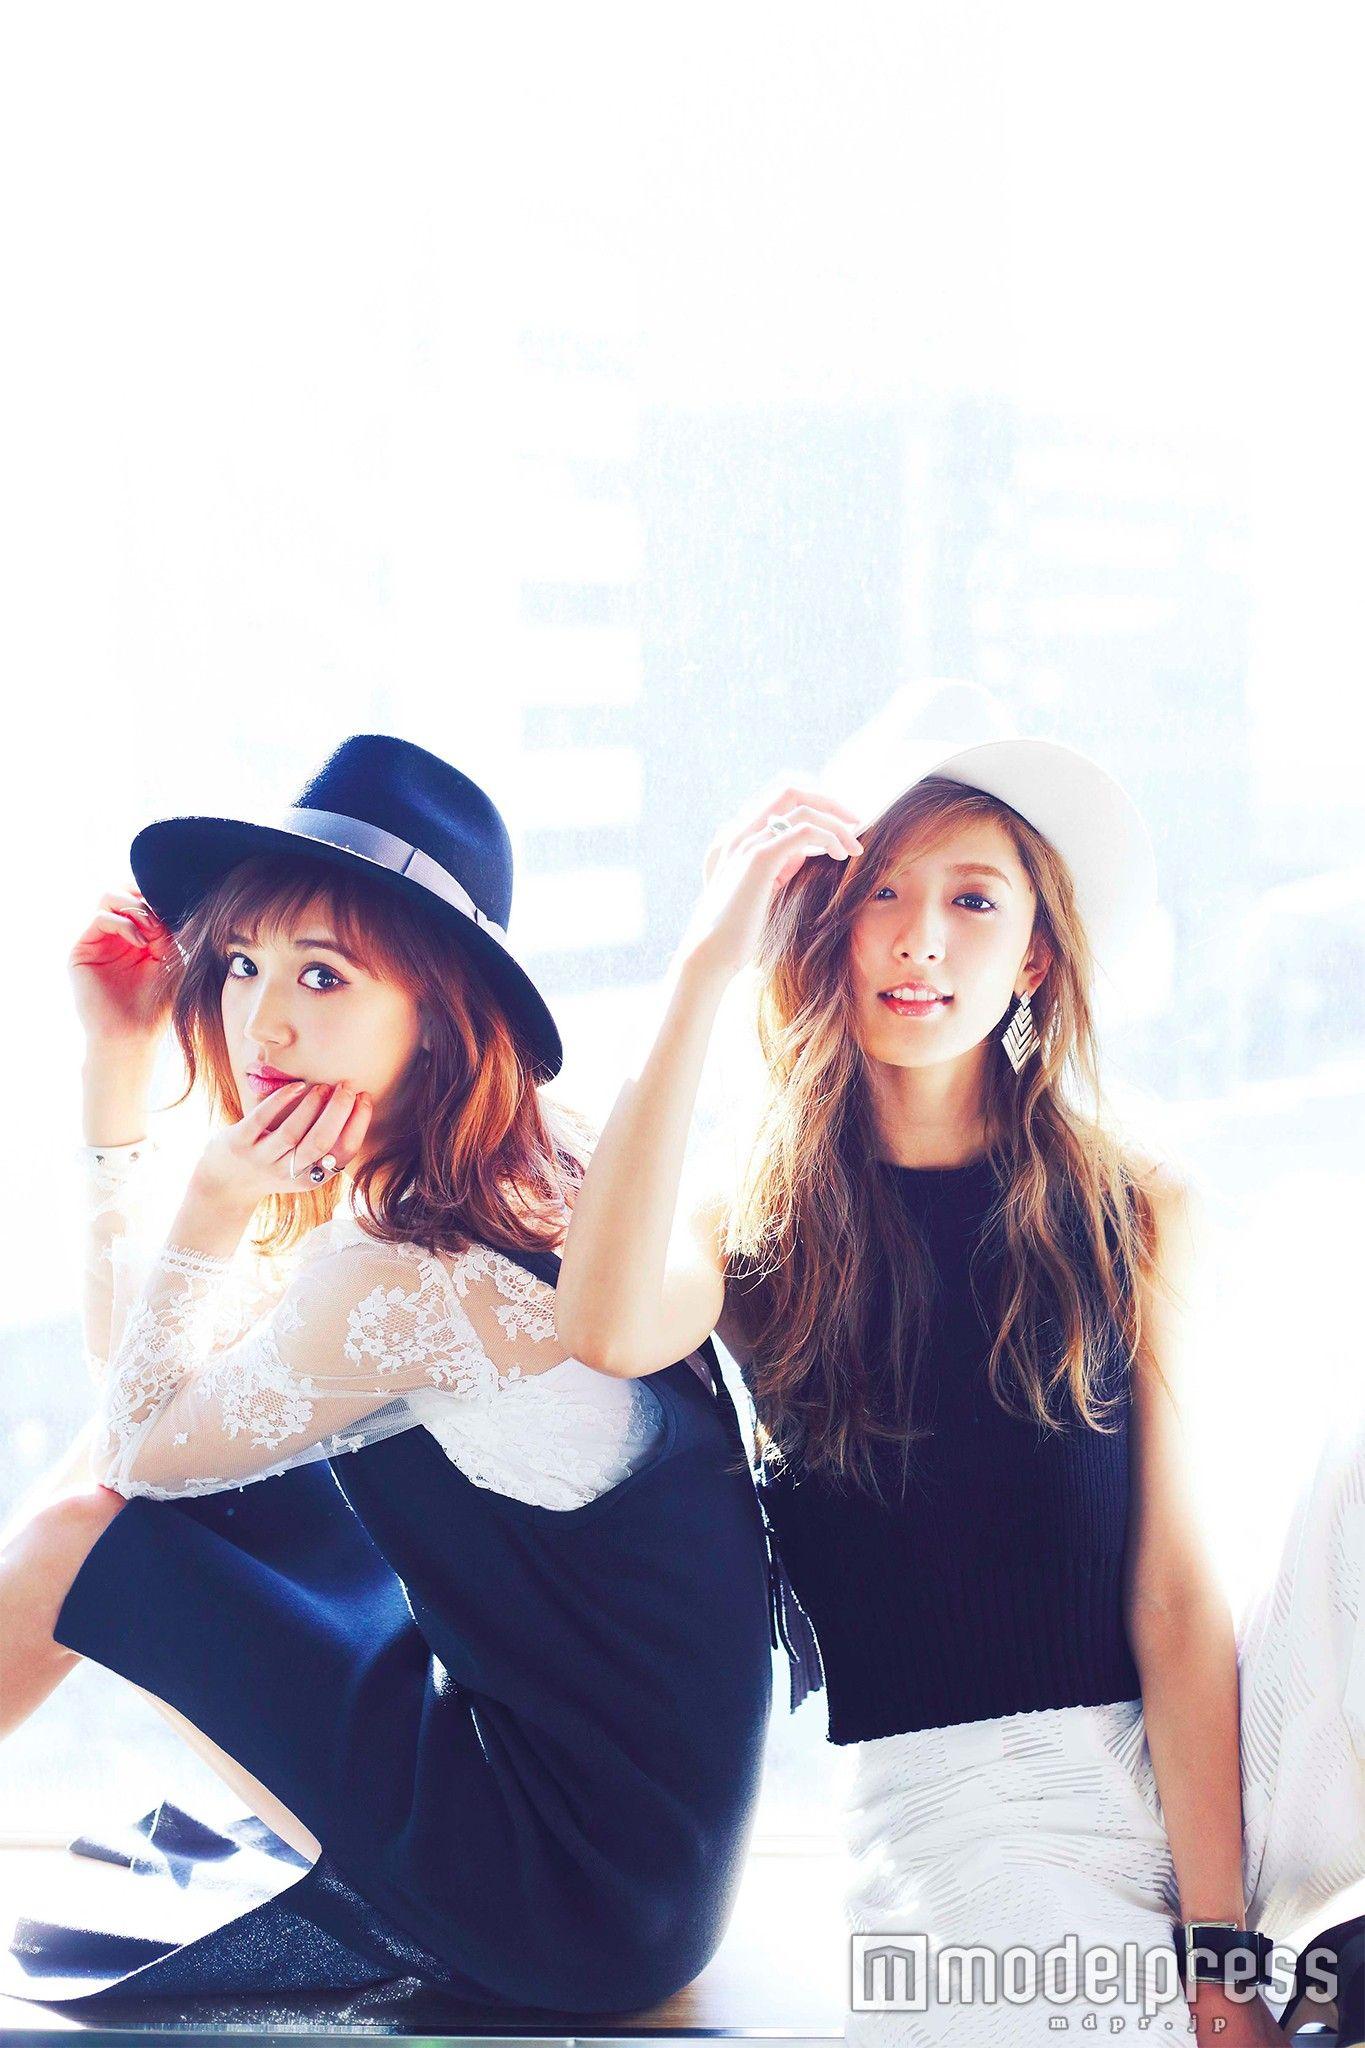 画像1 5 E Girls藤井姉妹 正反対の魅力 を堪能 美容からプライベート